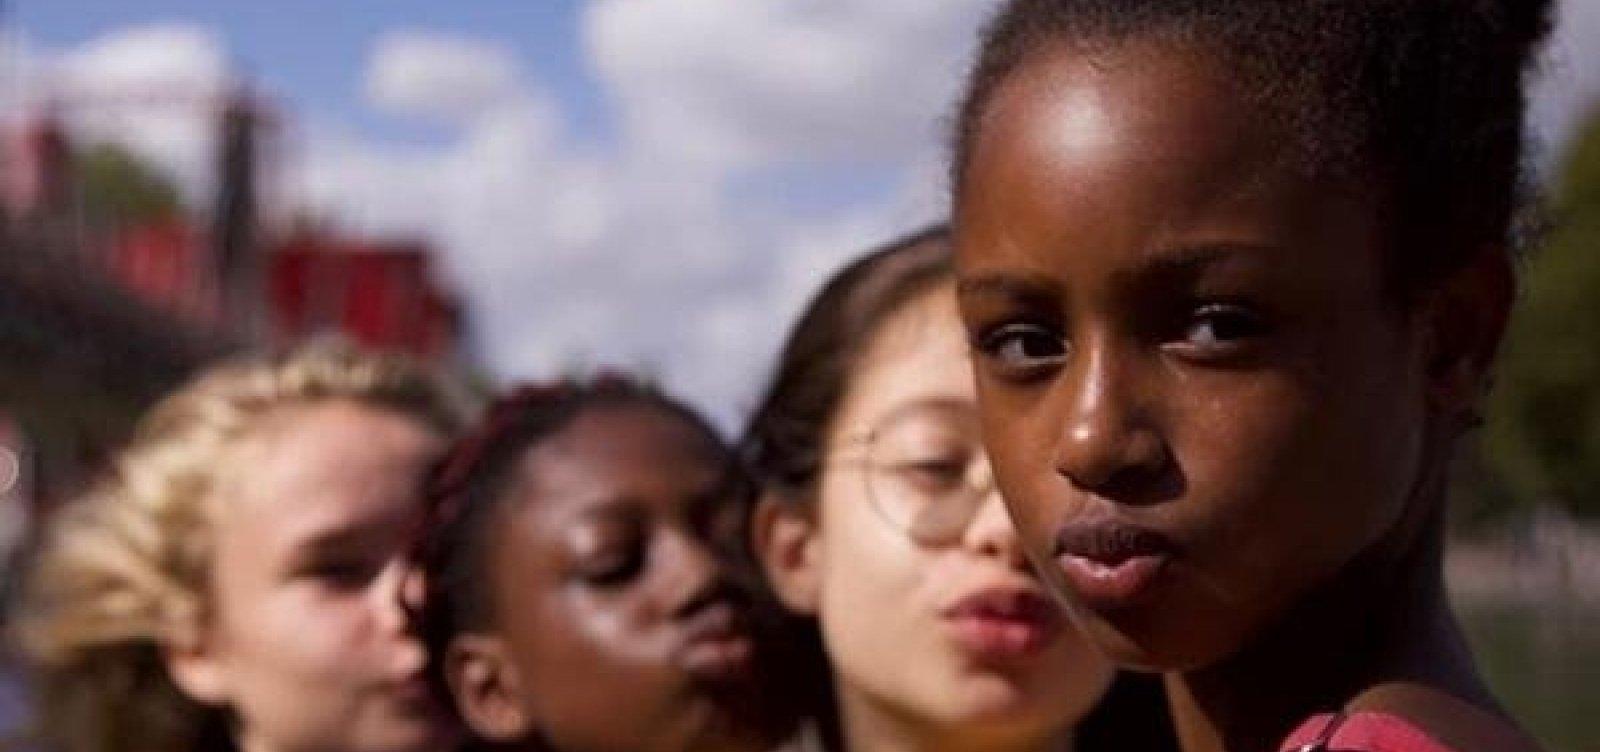 [Governo pede censura de filme da Netflix acusado de sexualizar crianças]